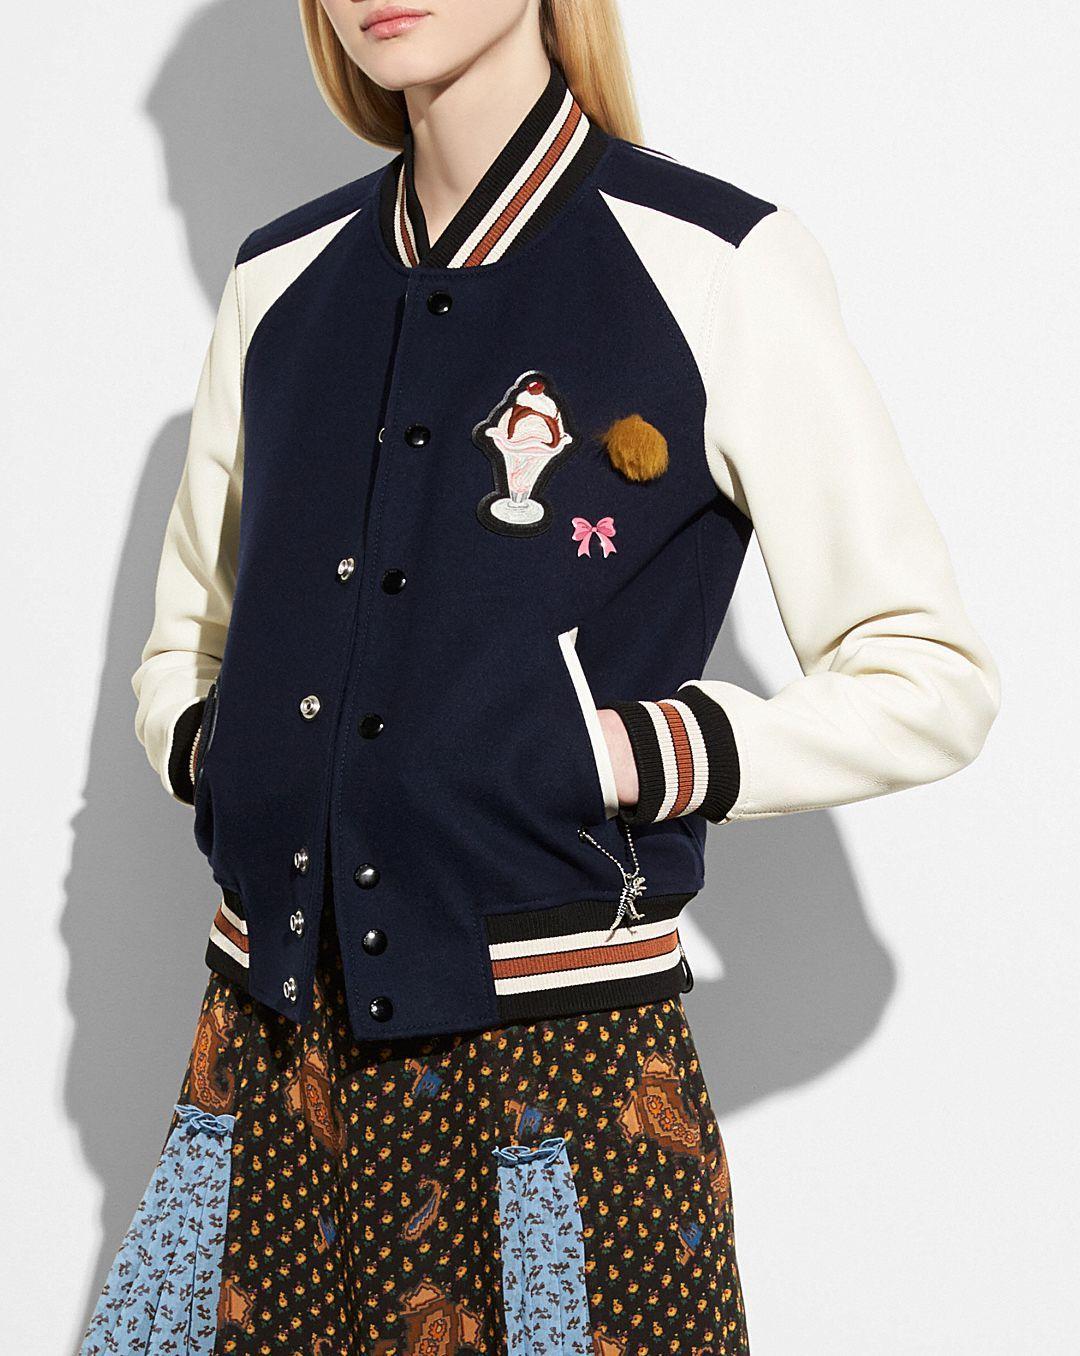 VARSITY JACKET Jackets, Varsity jacket, Blue leather jacket